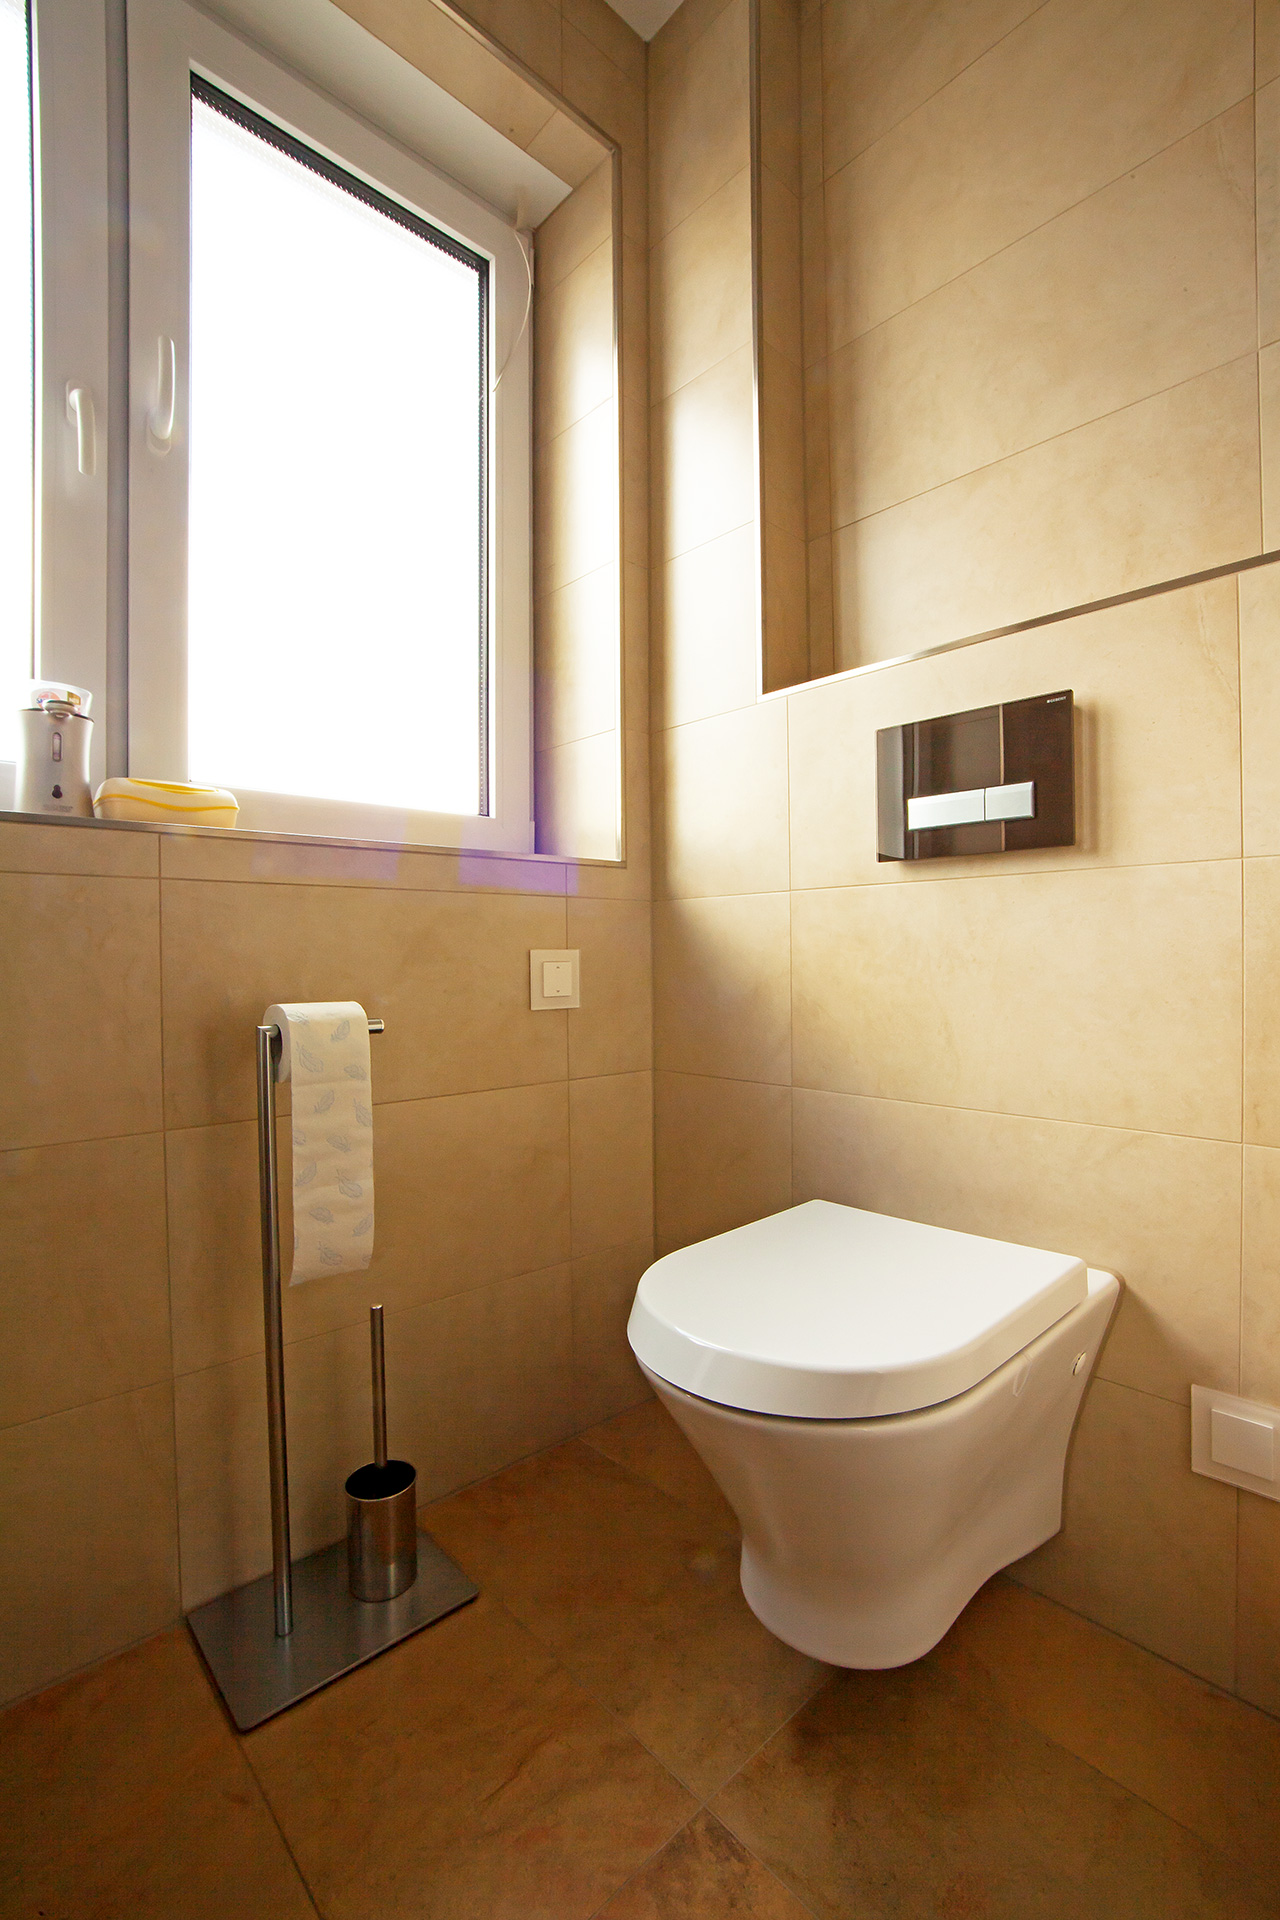 Sanitäranlagen - Bad mit WC